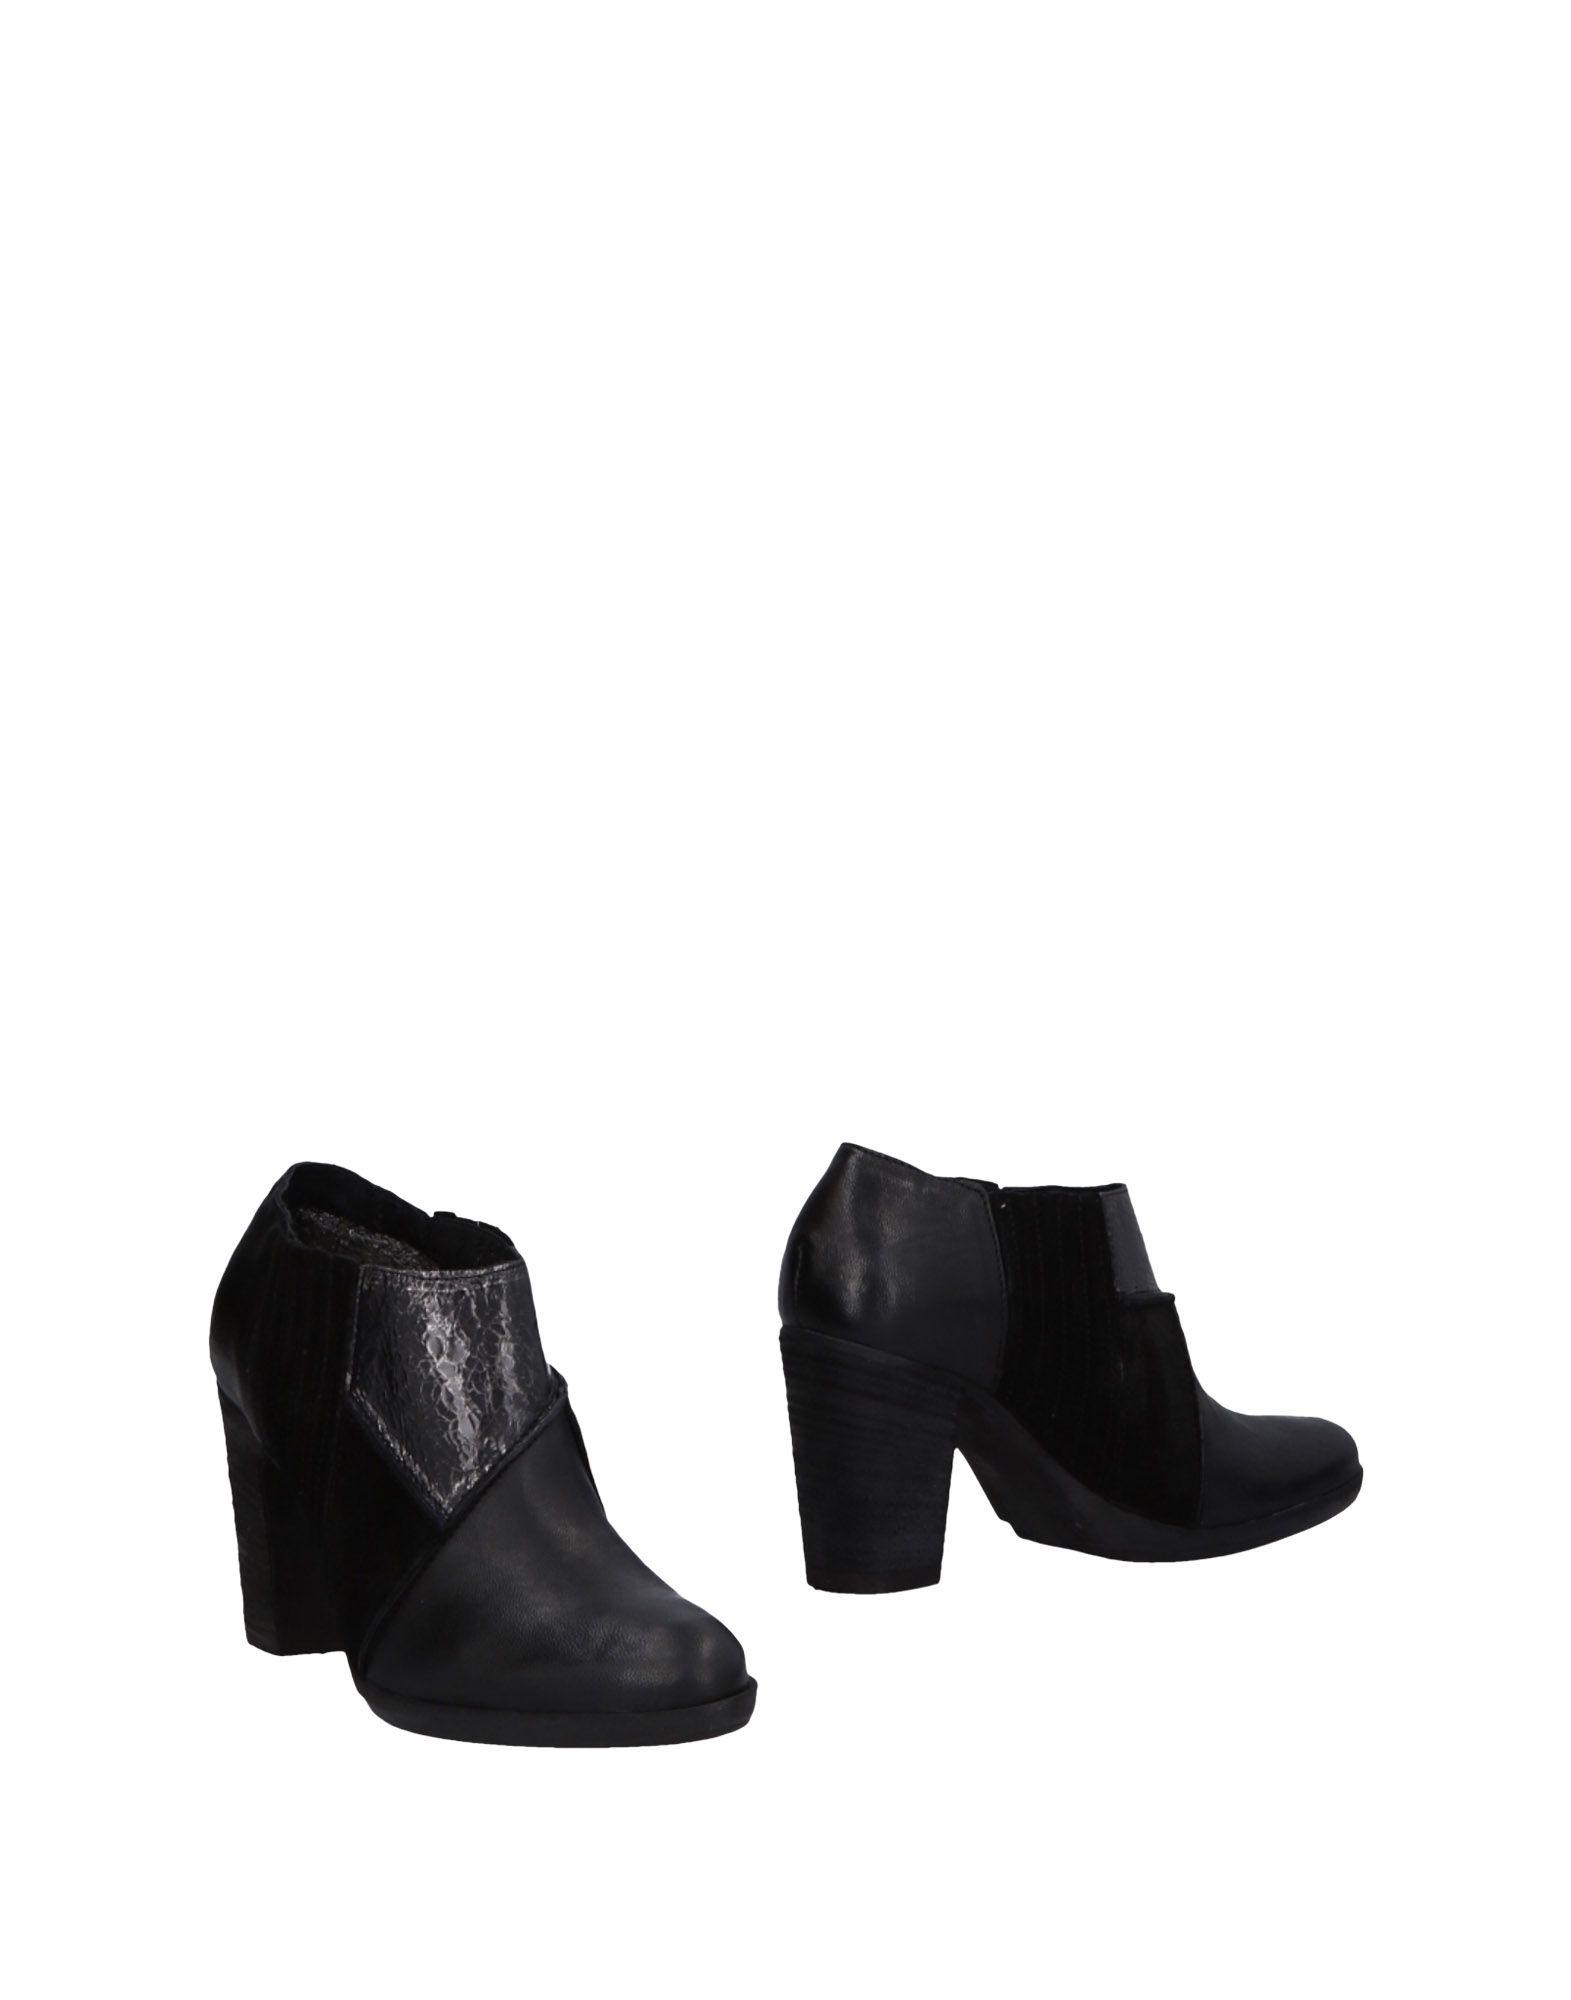 Khrio' Stiefelette Damen  11475300PD Gute Qualität beliebte Schuhe